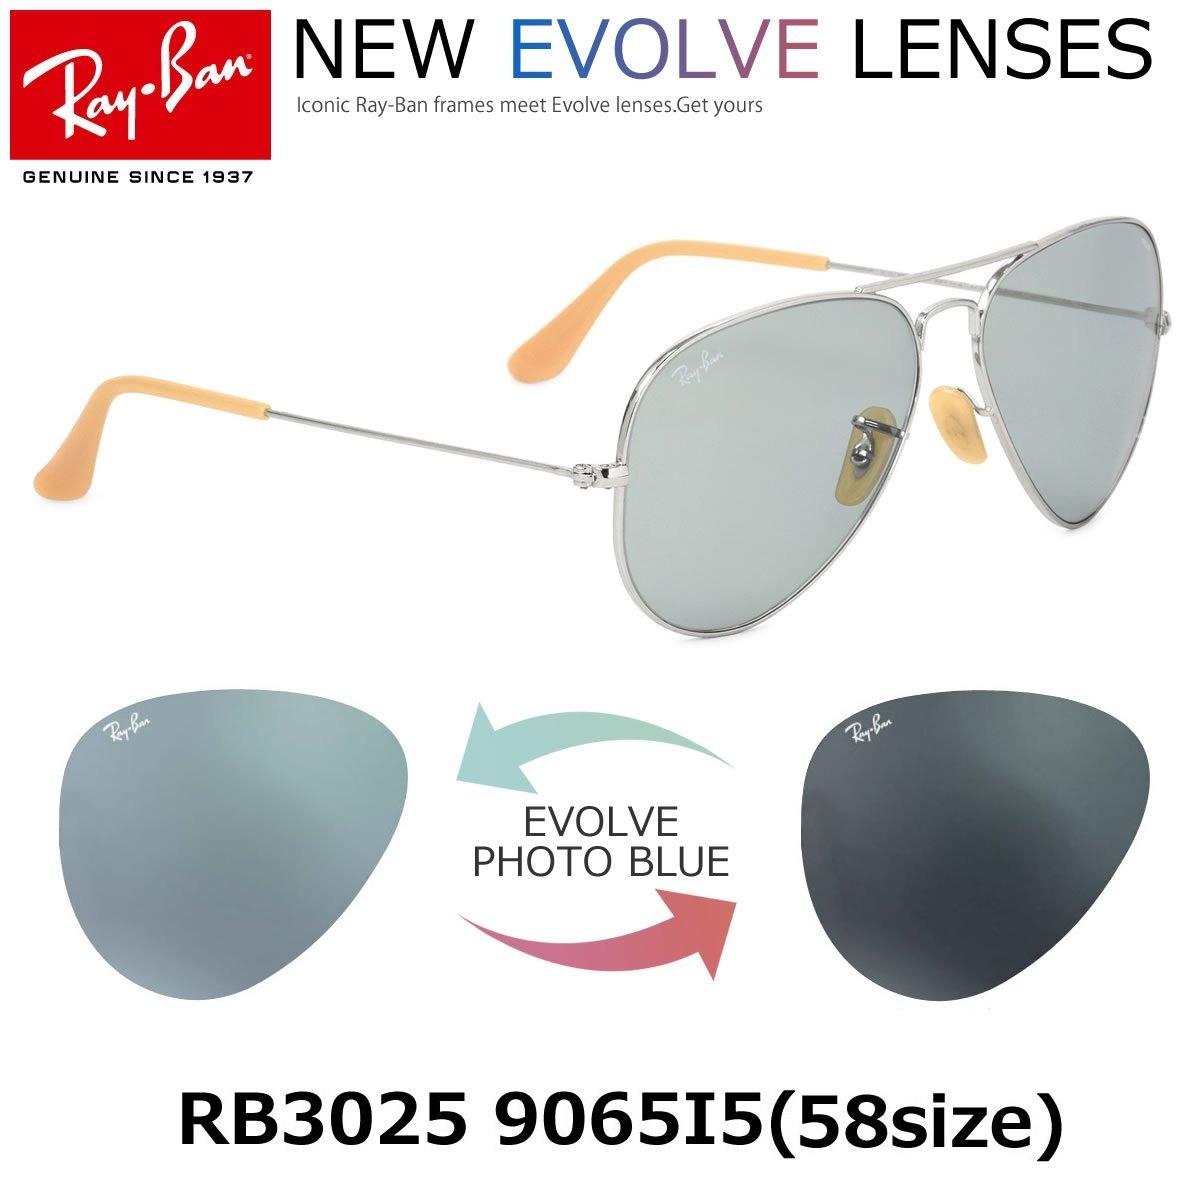 5351ae3da4 lentes de sol ray ban aviator evolve rb3025 9065i5 azul-plat. Cargando zoom.